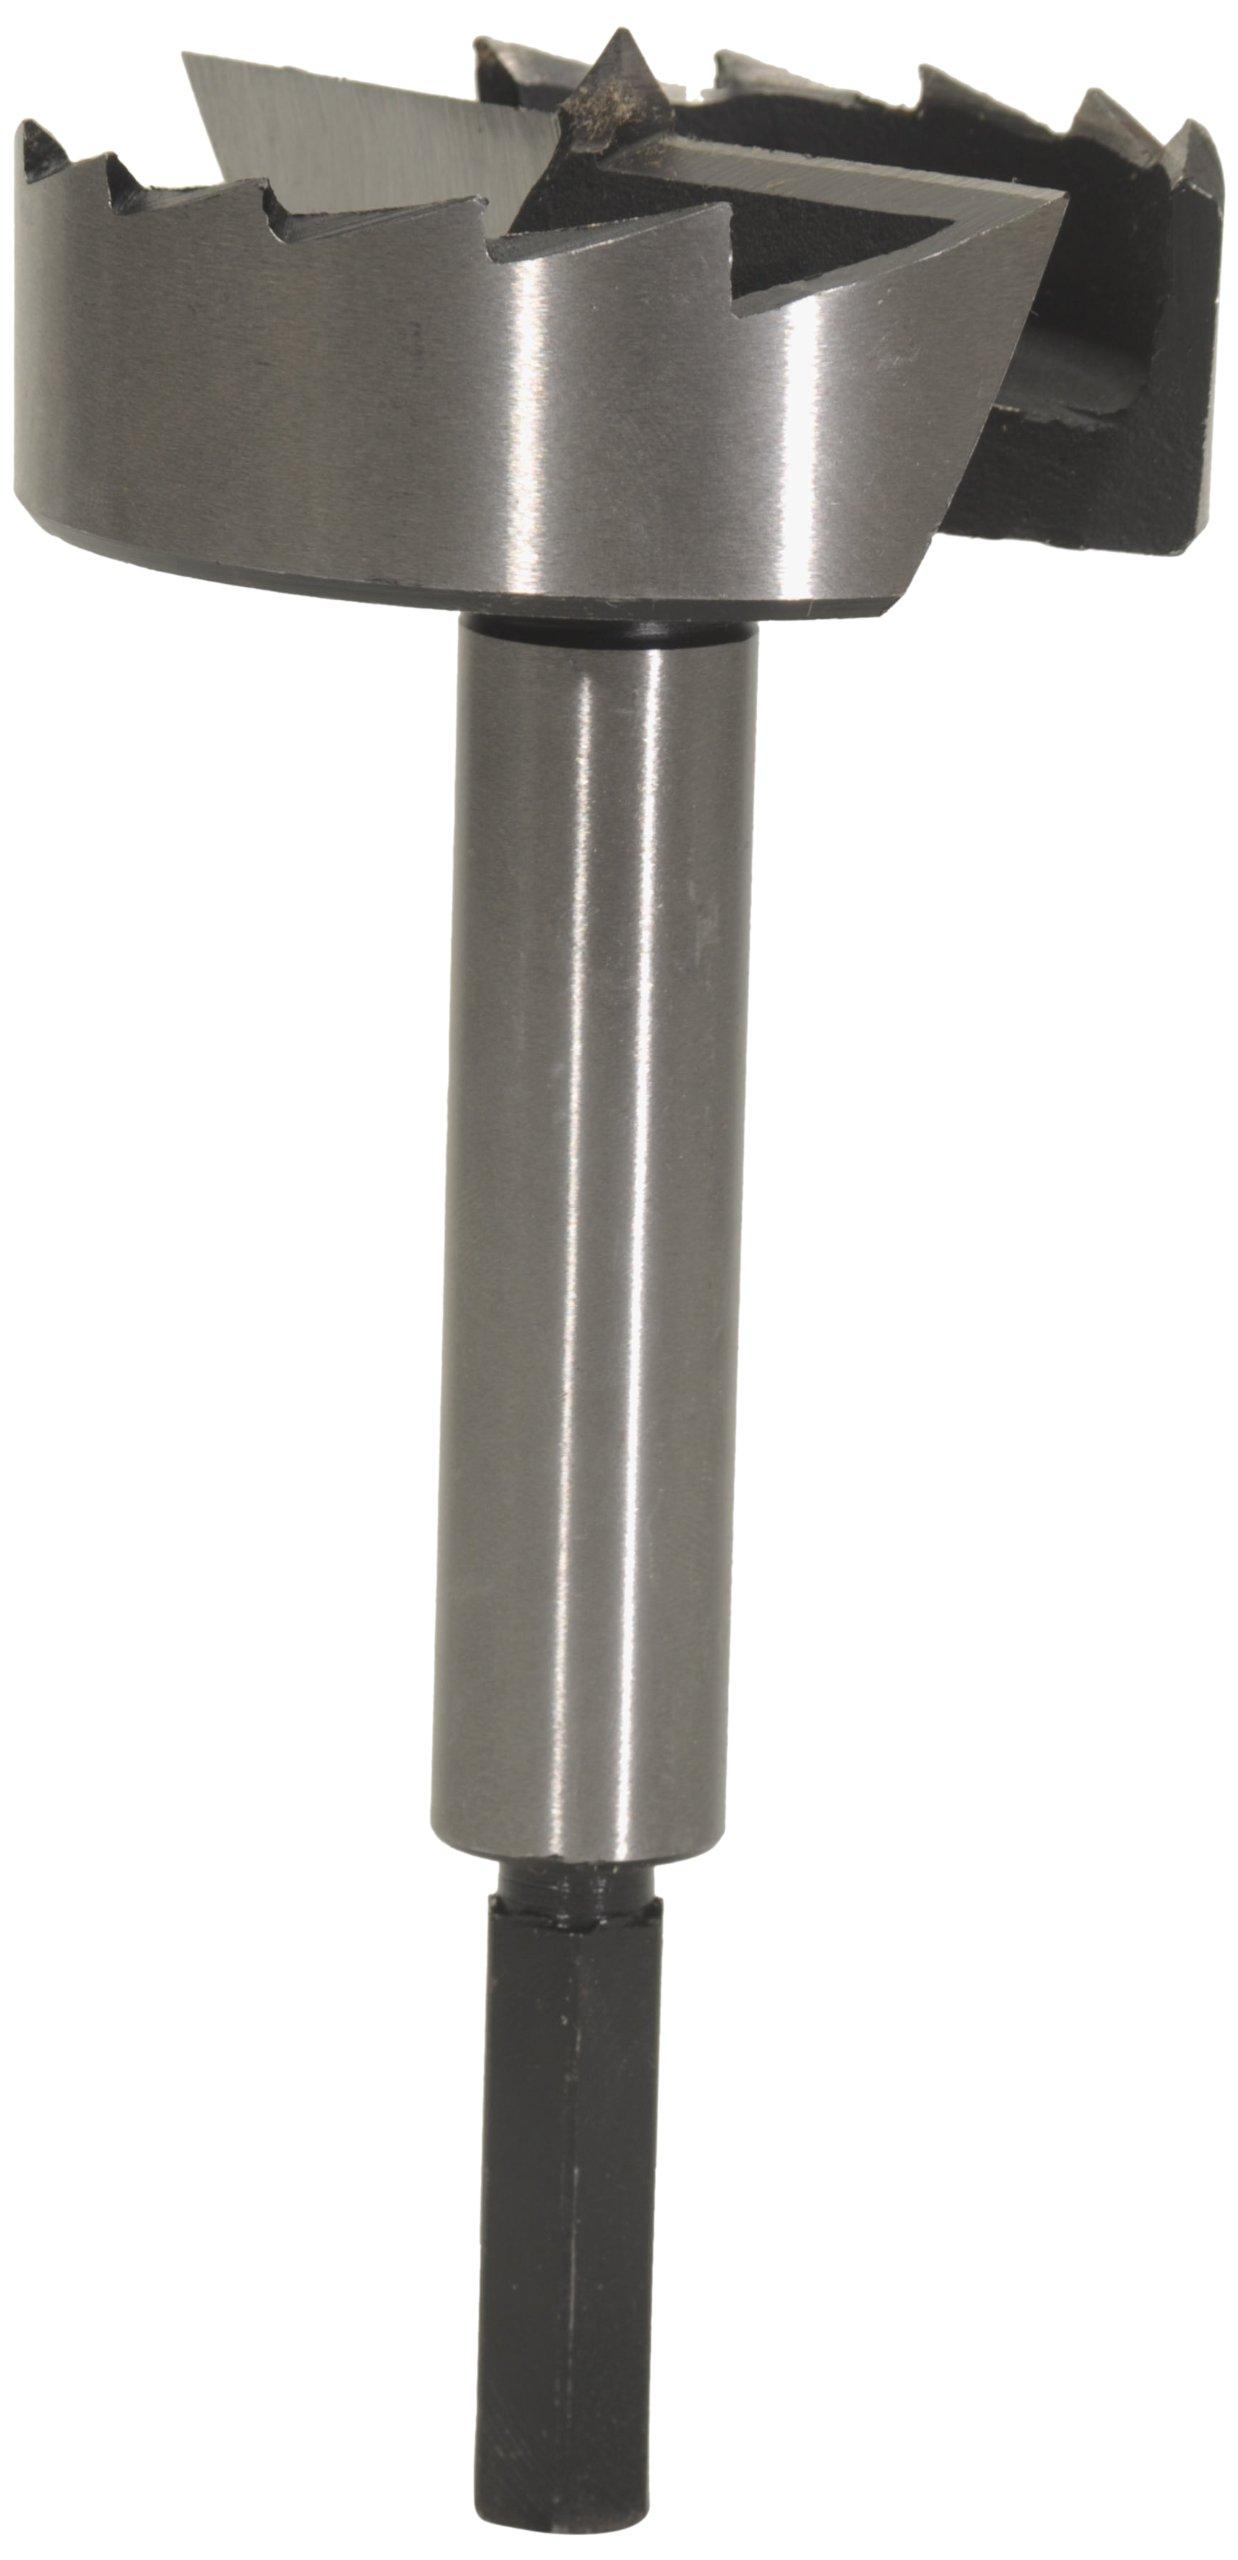 MLCS 9245H 3-Inch Diameter Steel Forstner Bit with Hex Shank